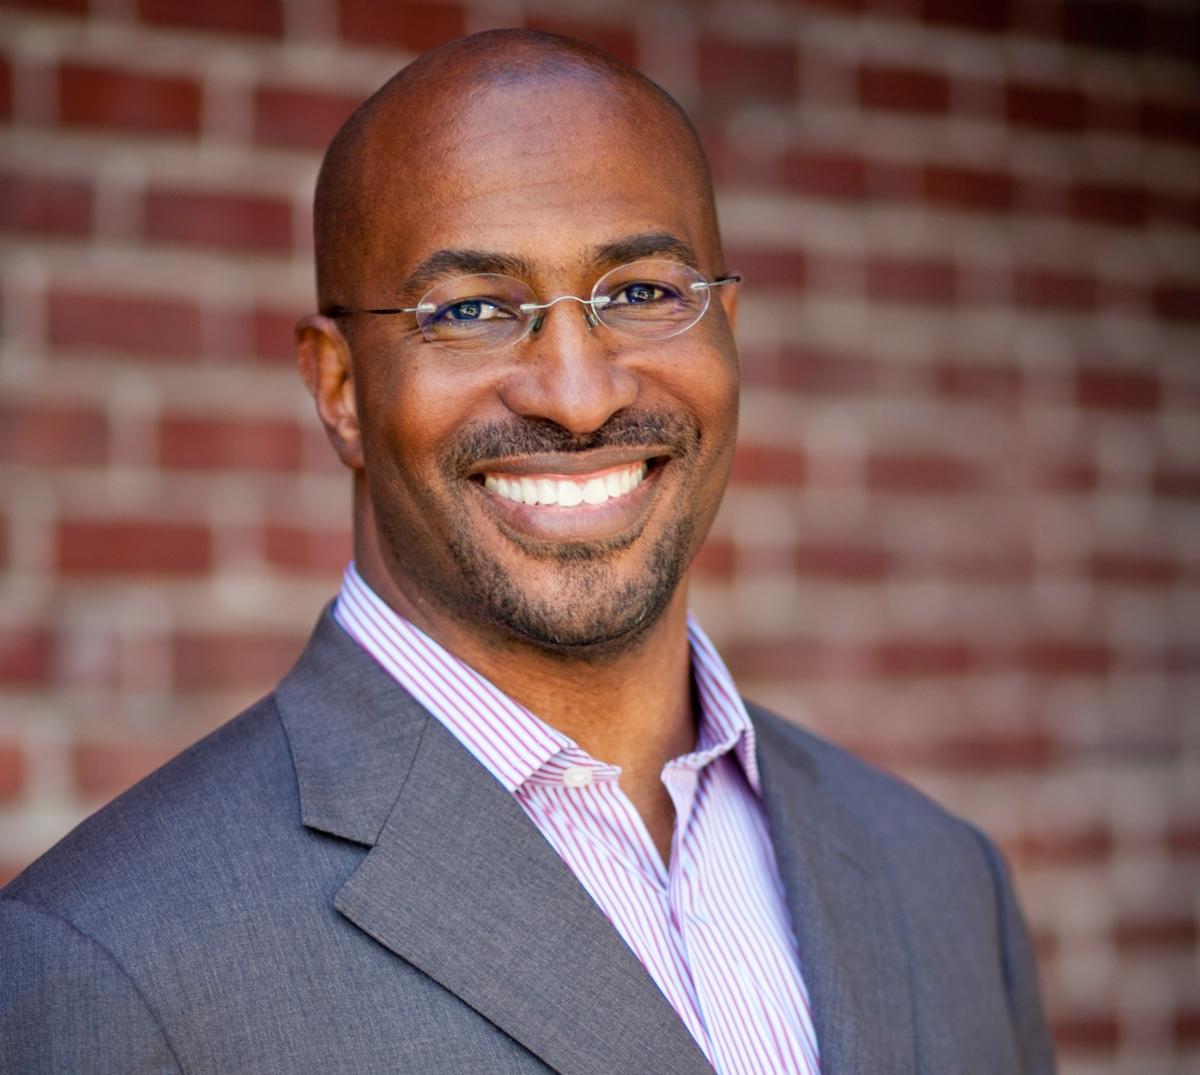 Van-Jones Featured Political Speakers